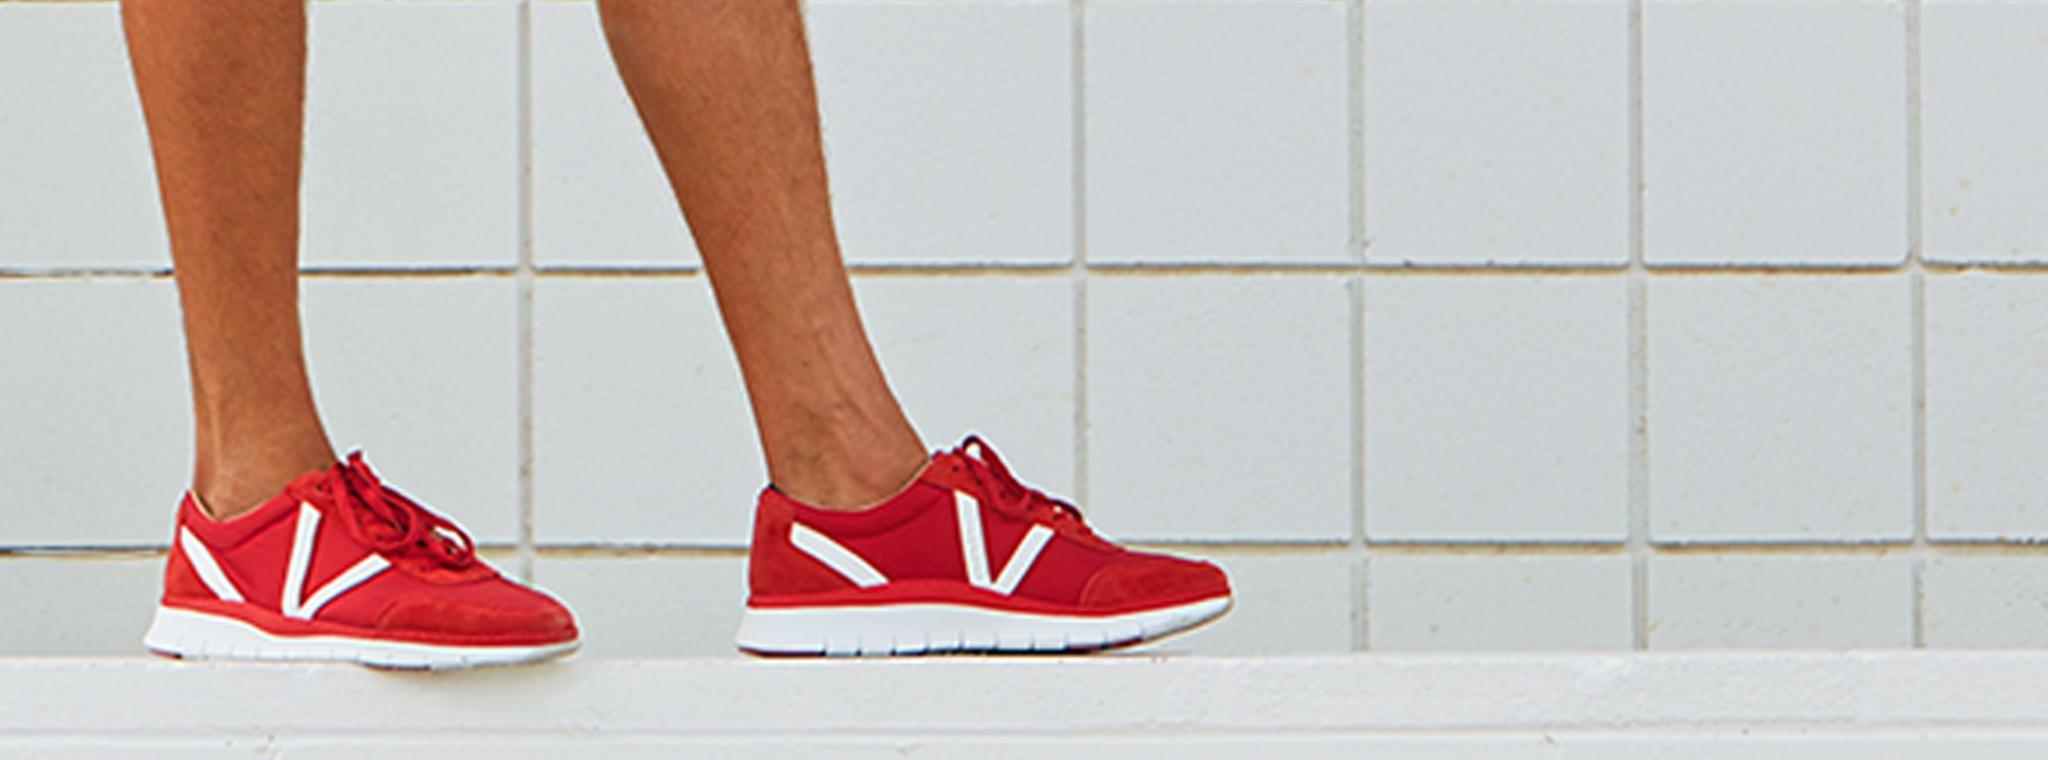 Active & Sneakers